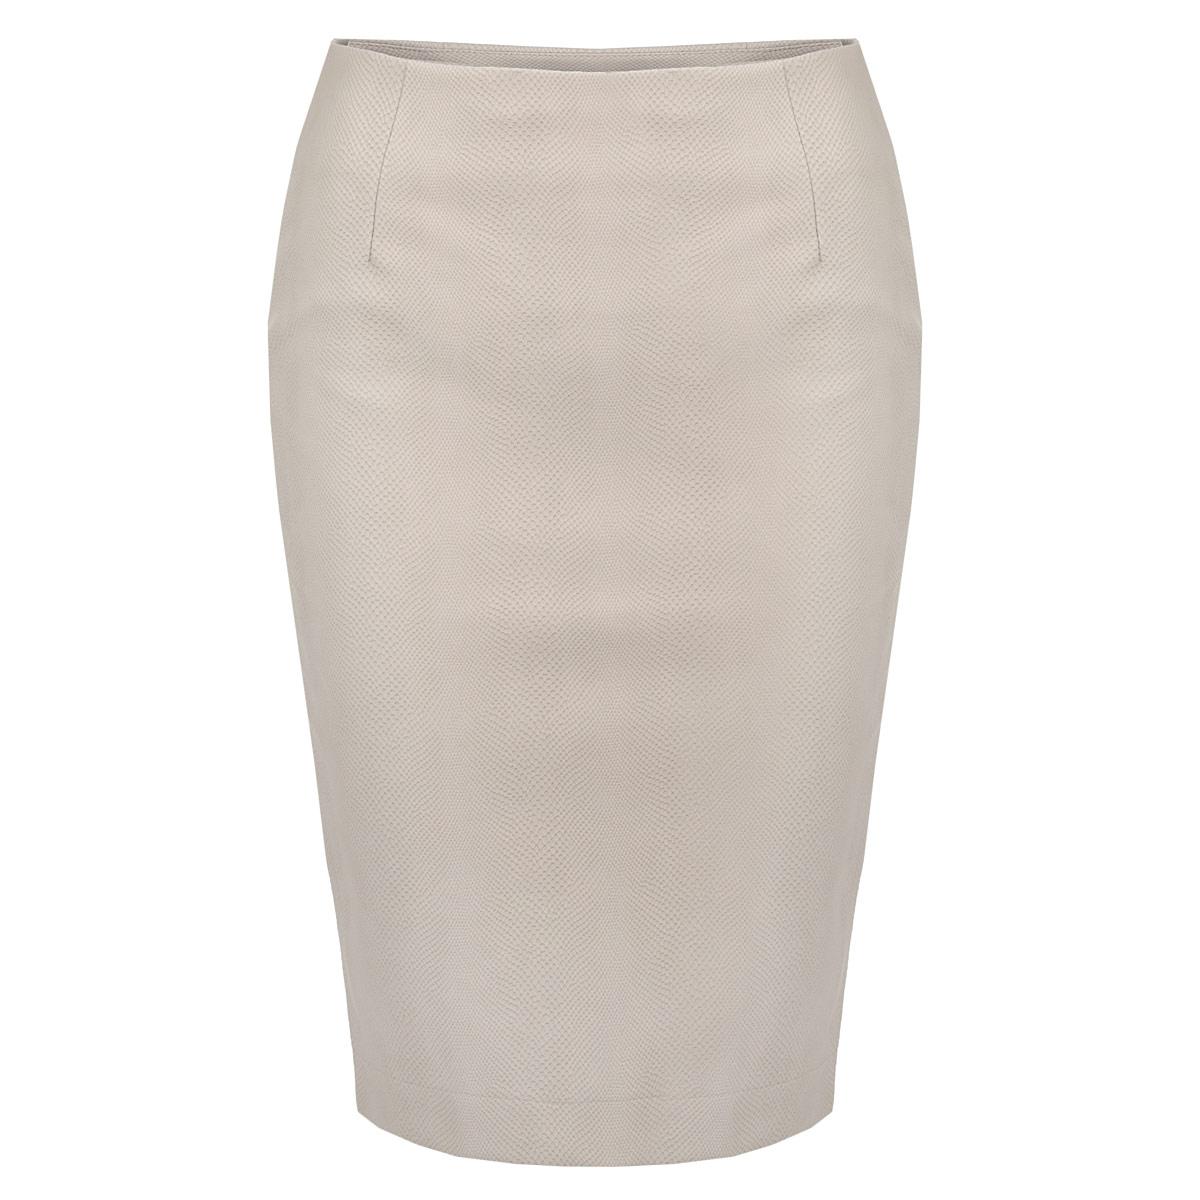 ЮбкаSSD0785BEСтильная юбка Top Secret изготовлена из полиуретана, имитирующего кожу питона. Юбка-карандаш длиной до колена подчеркнет все достоинства вашей фигуры. Сбоку юбка застегивается на потайную молнию. Эта модная юбка - отличный вариант на каждый день.